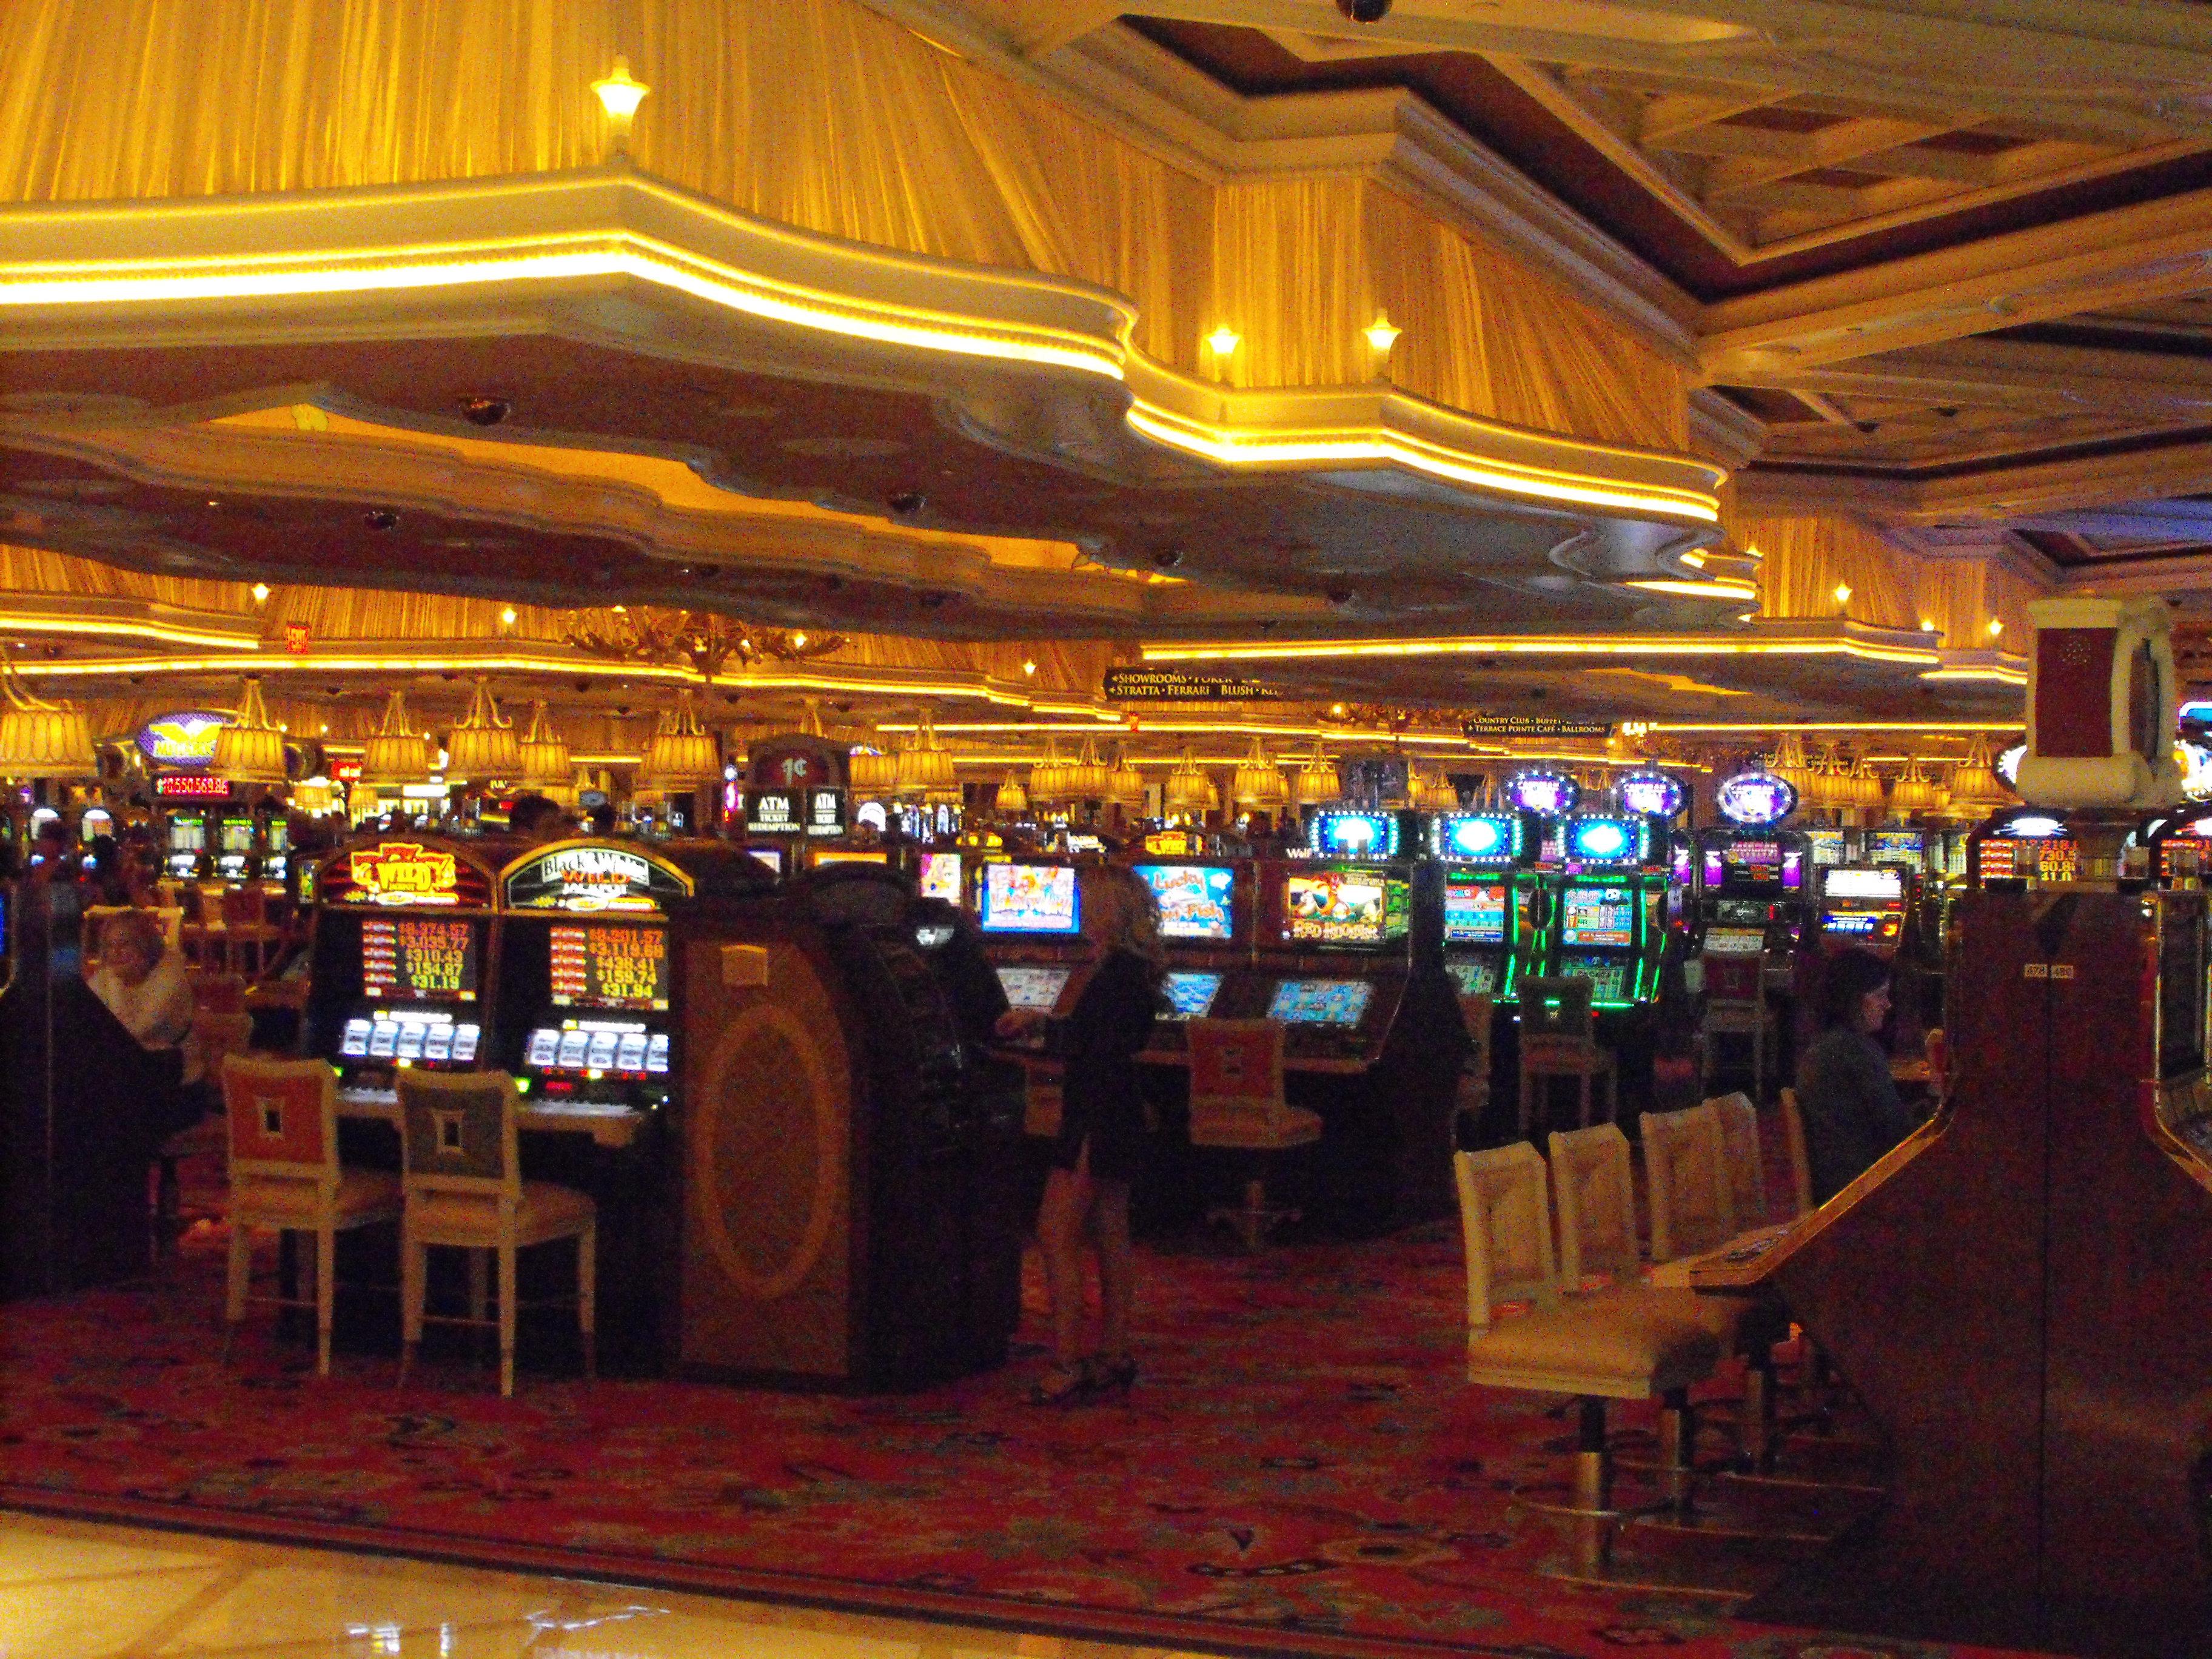 фото 777 интернете о казино отзывы в